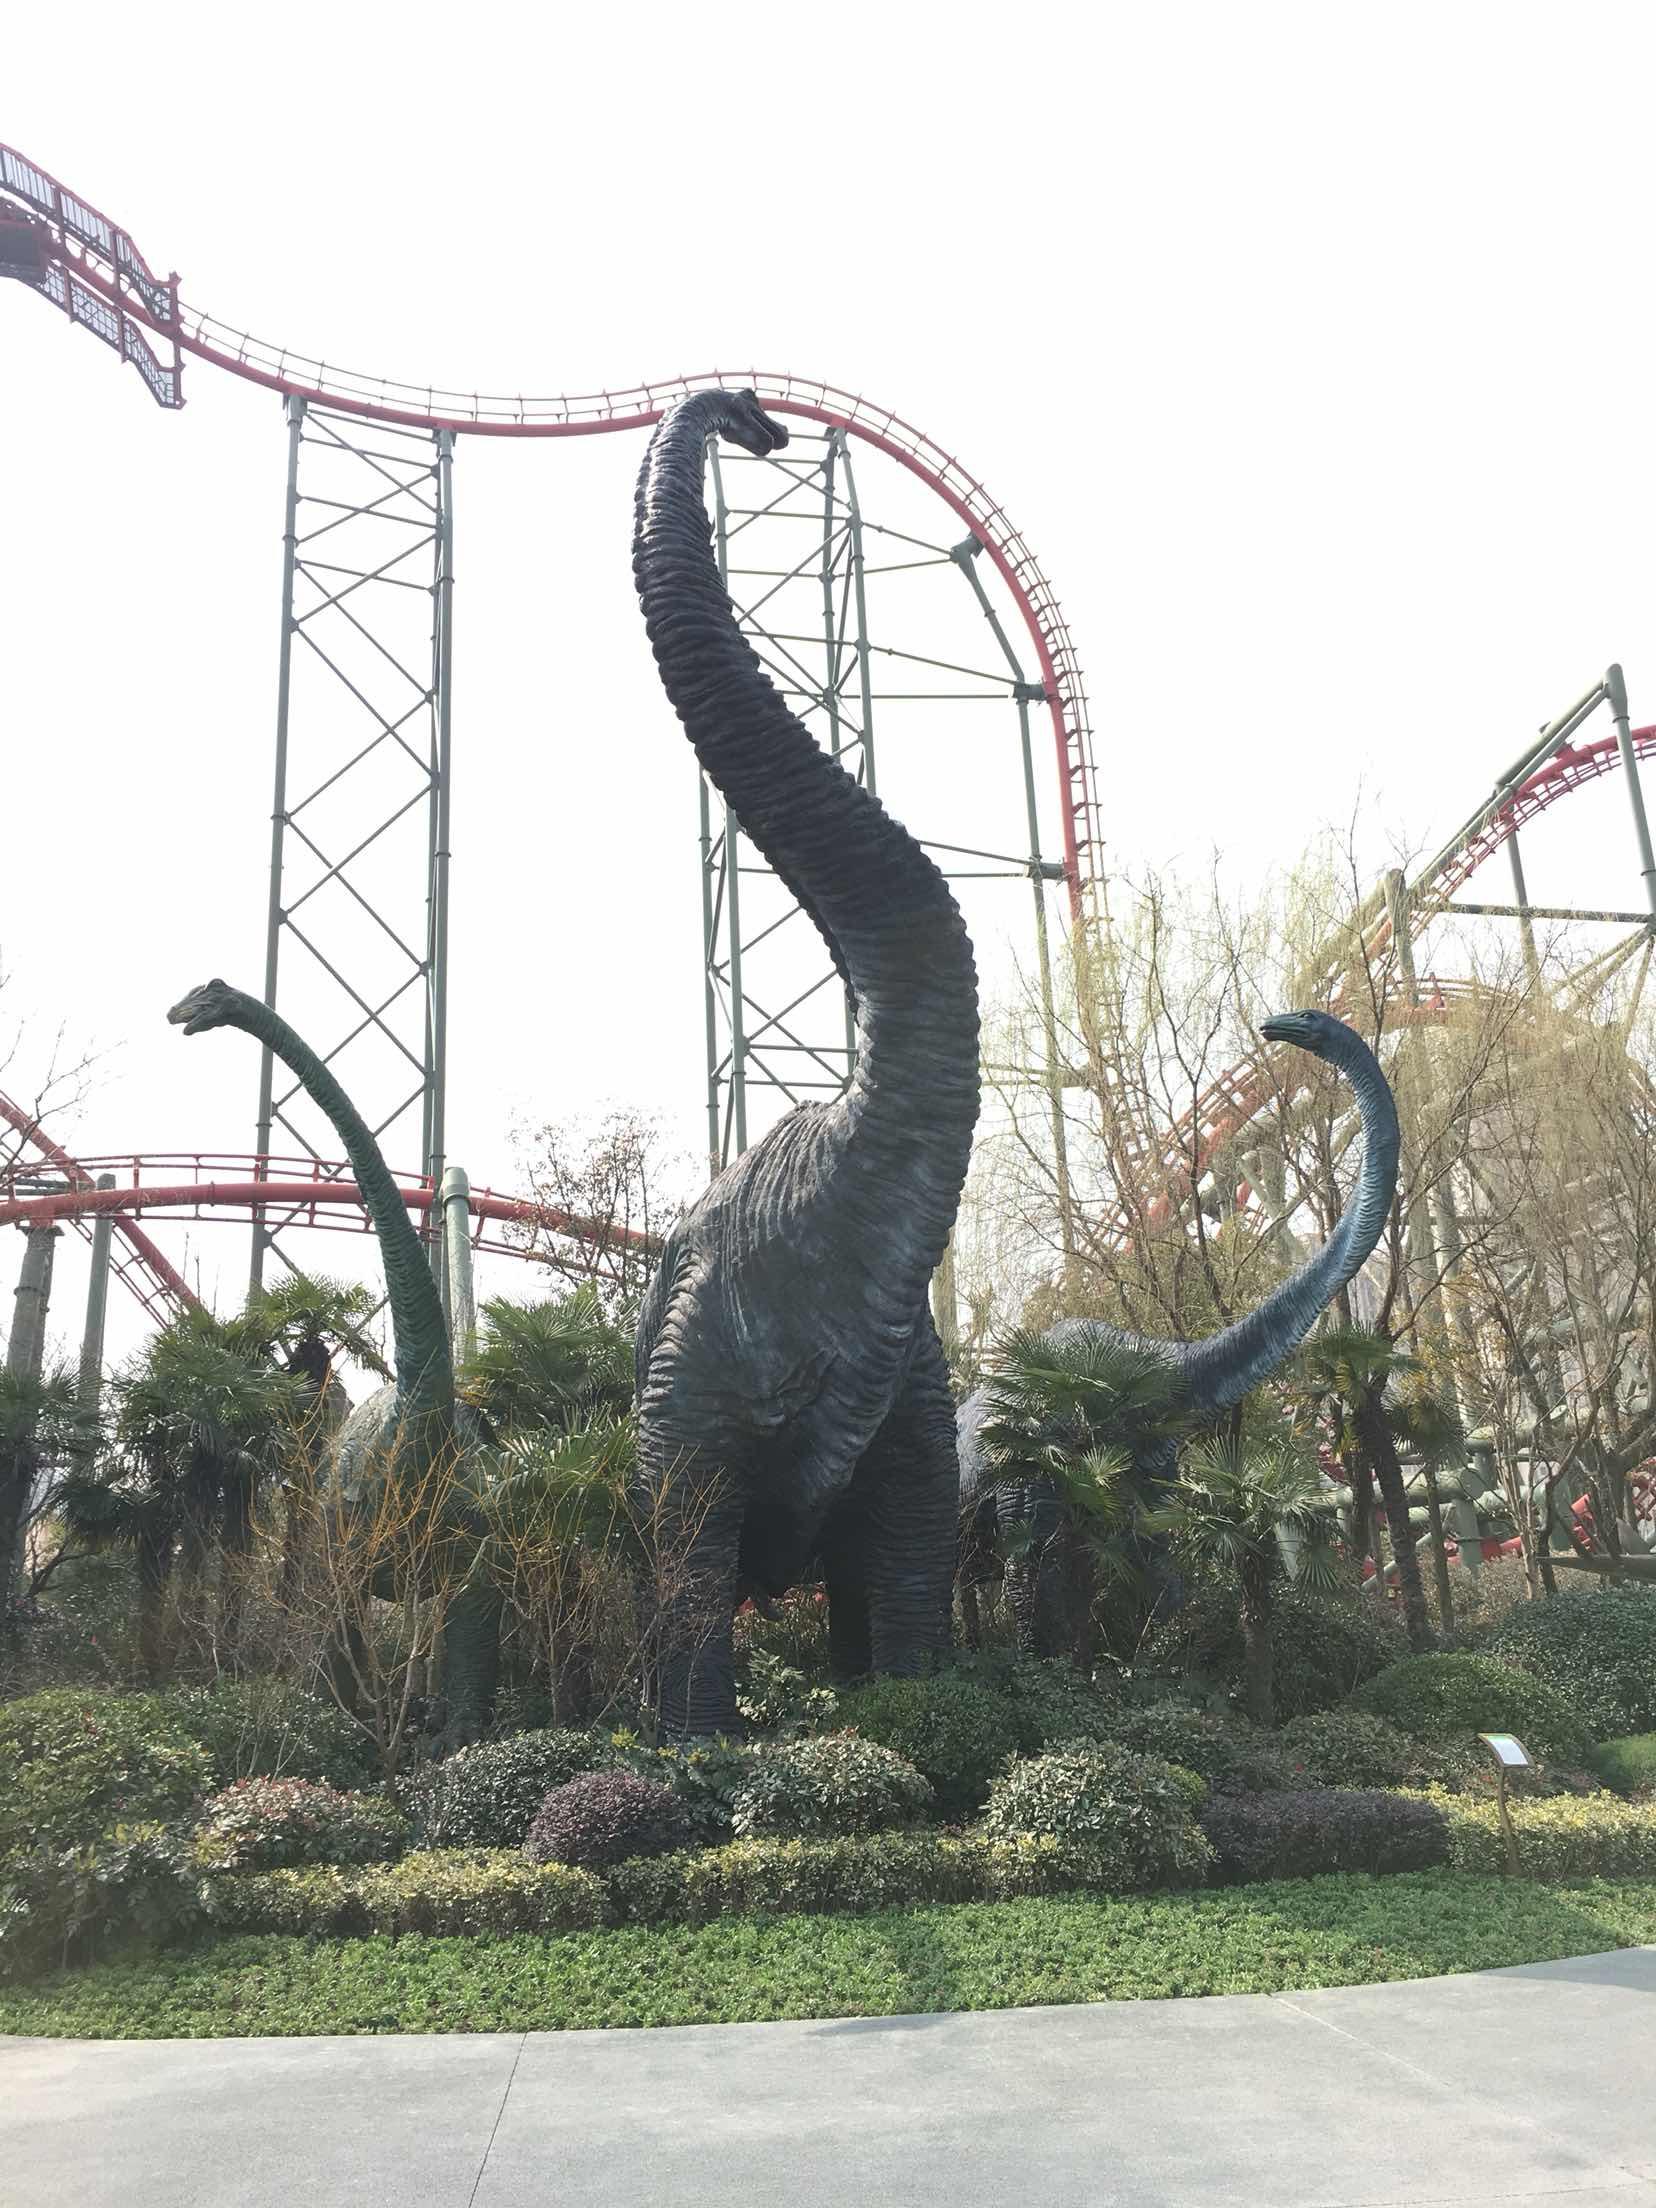 常州恐龙园 常州恐龙园 成人票常州恐龙园高速下来就是,地方蛮好找